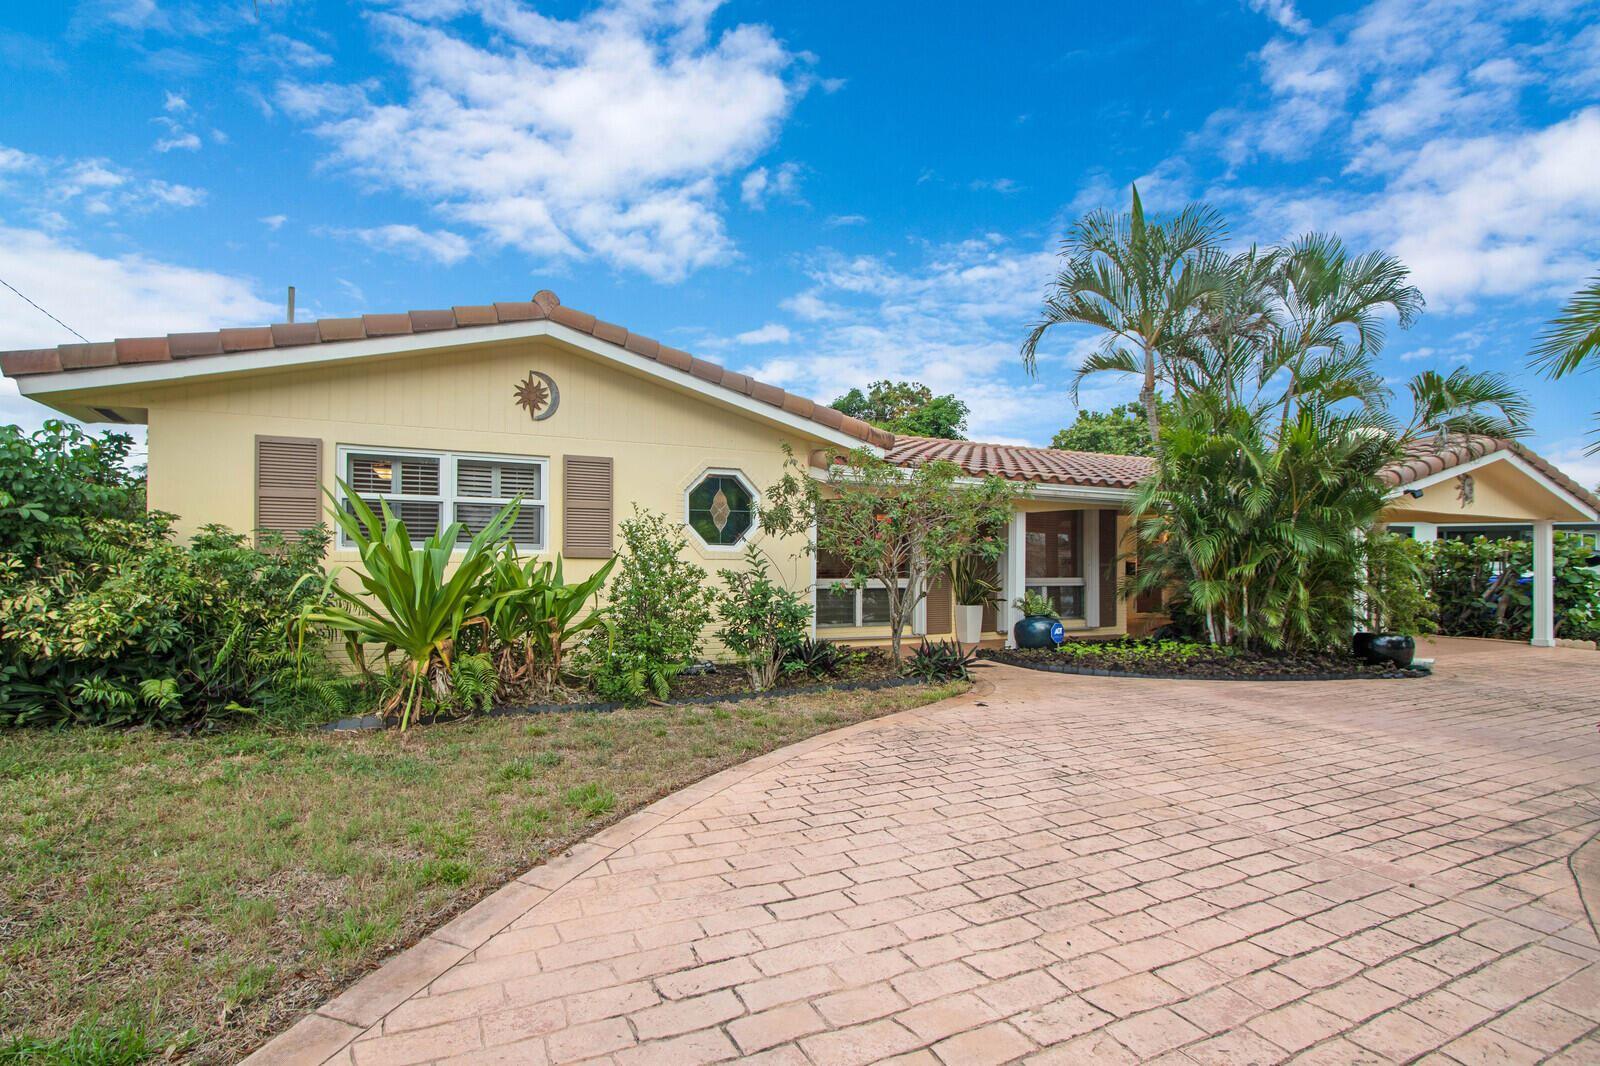 5850 NE 22 Avenue, Fort Lauderdale, FL 33308 - #: RX-10744919